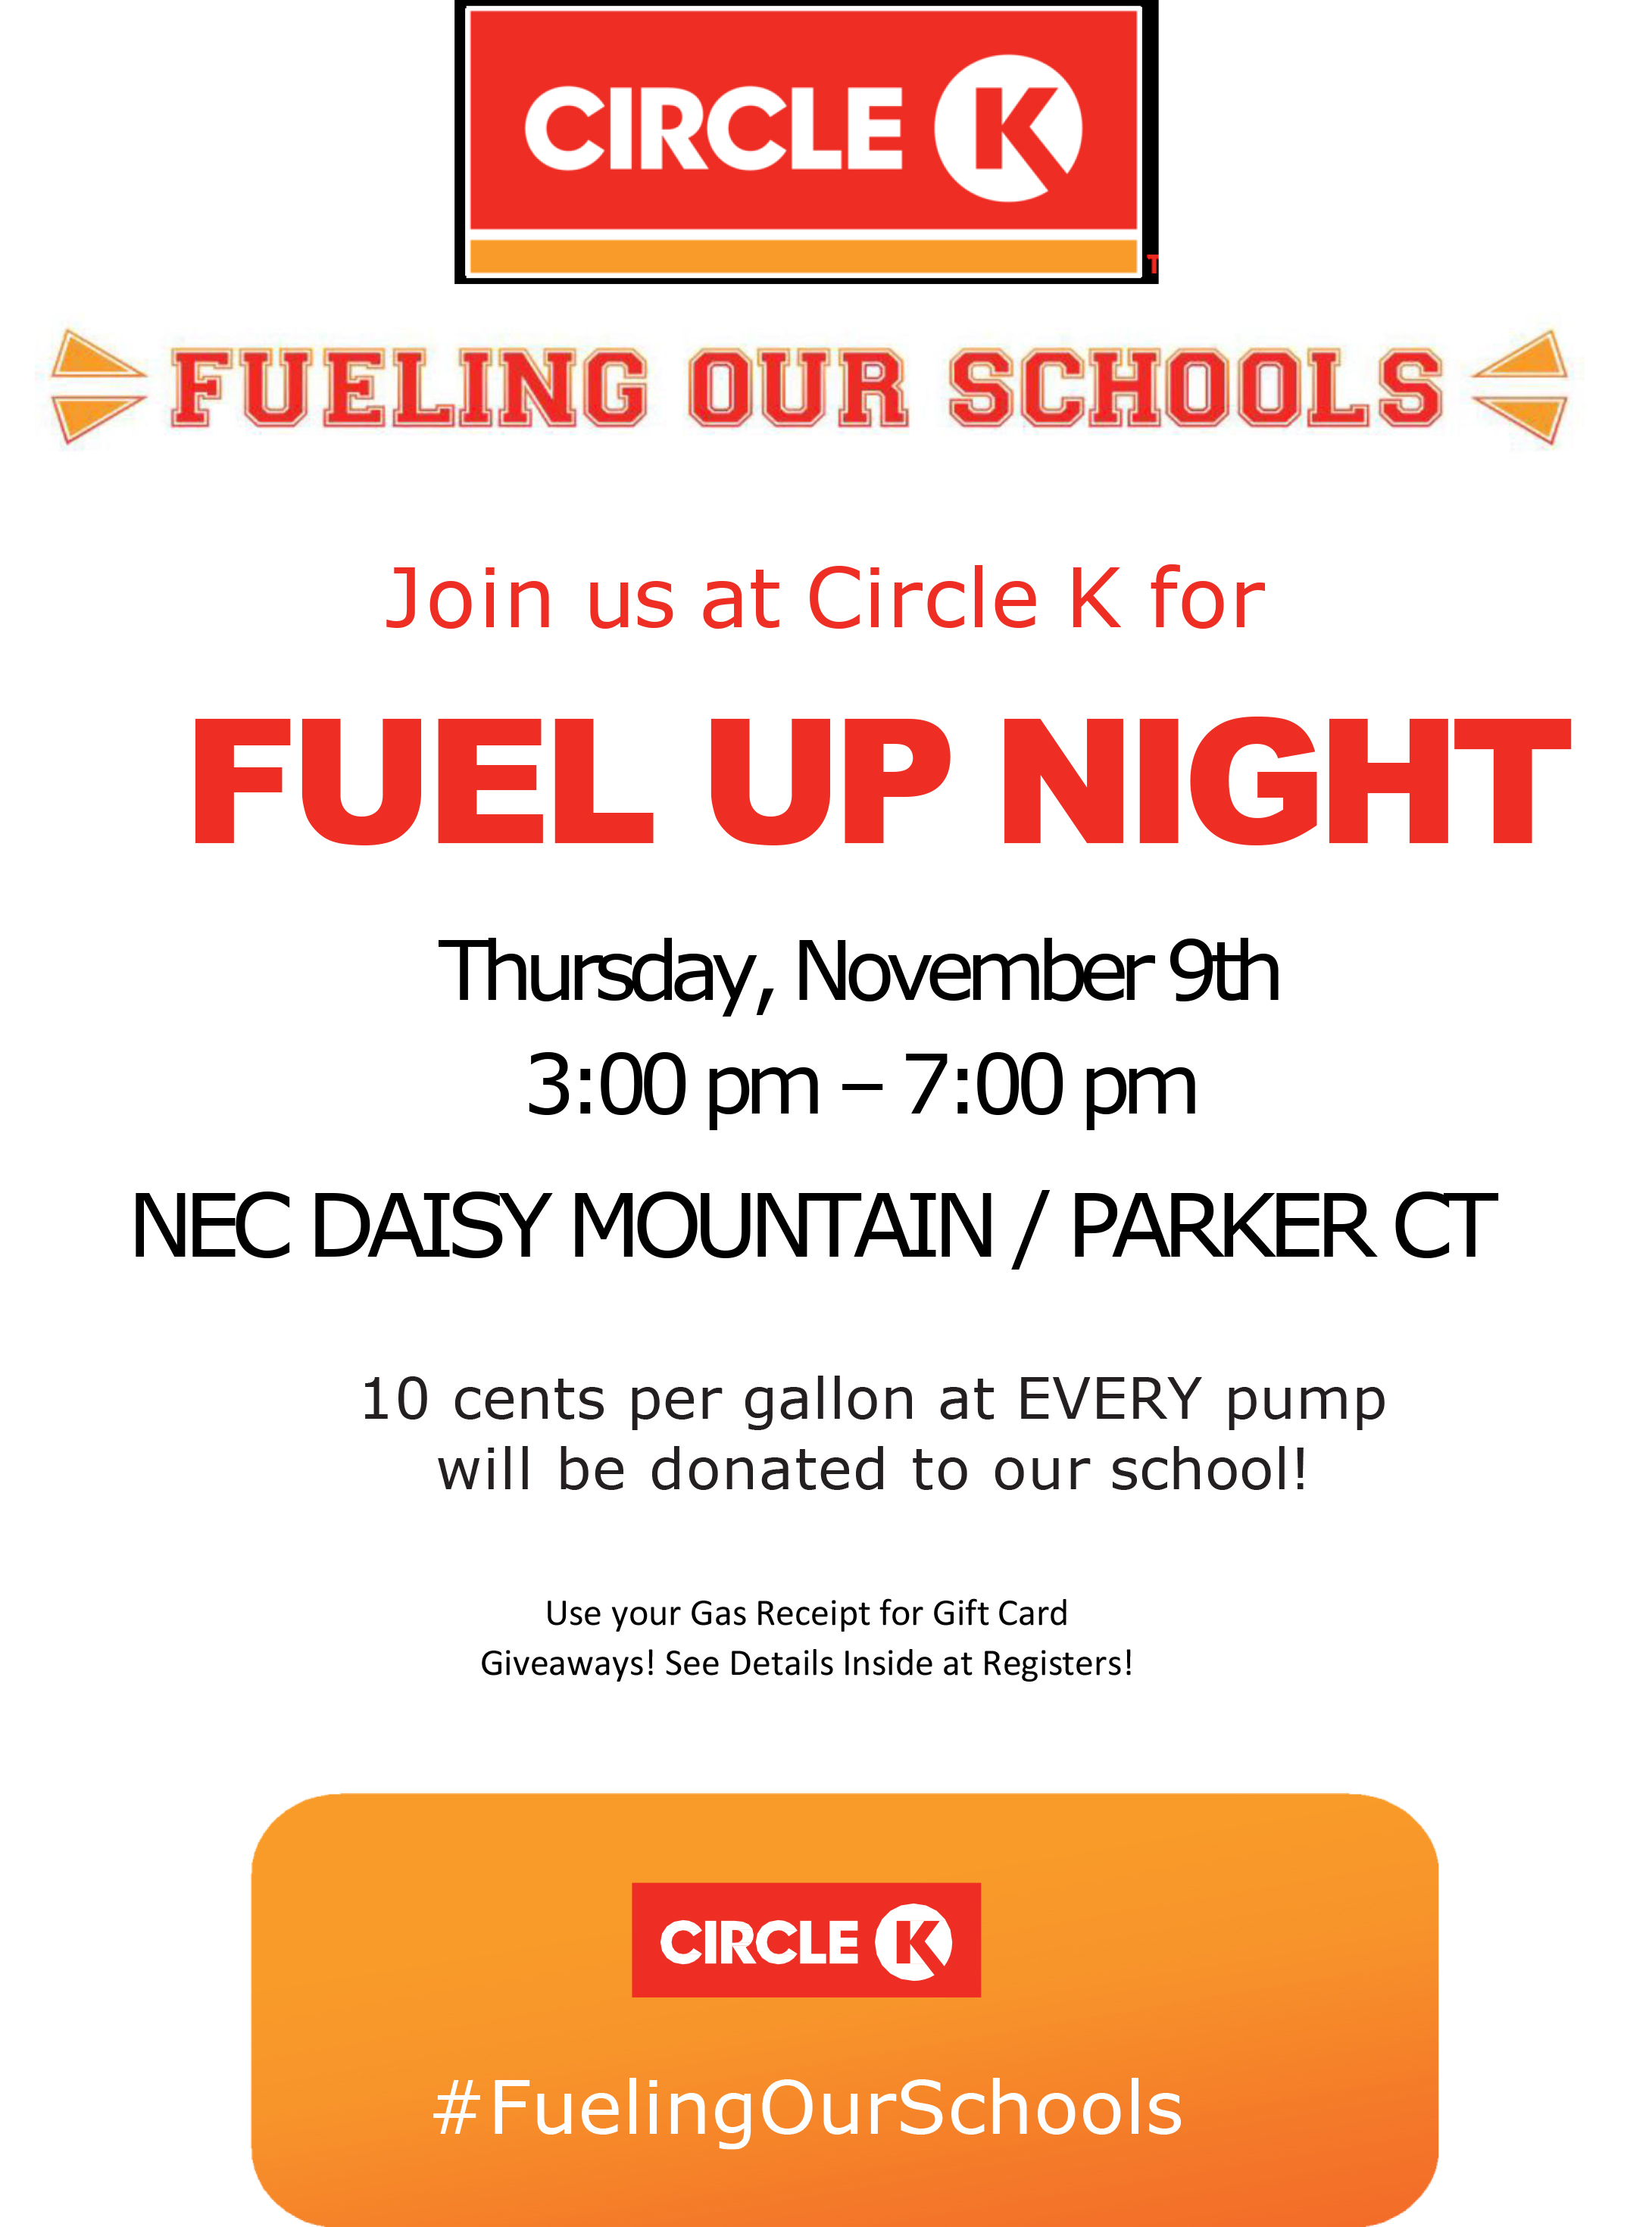 Circle K Fuel Up Night, November 9th, 2017  3:00 pm – 7:00 pm